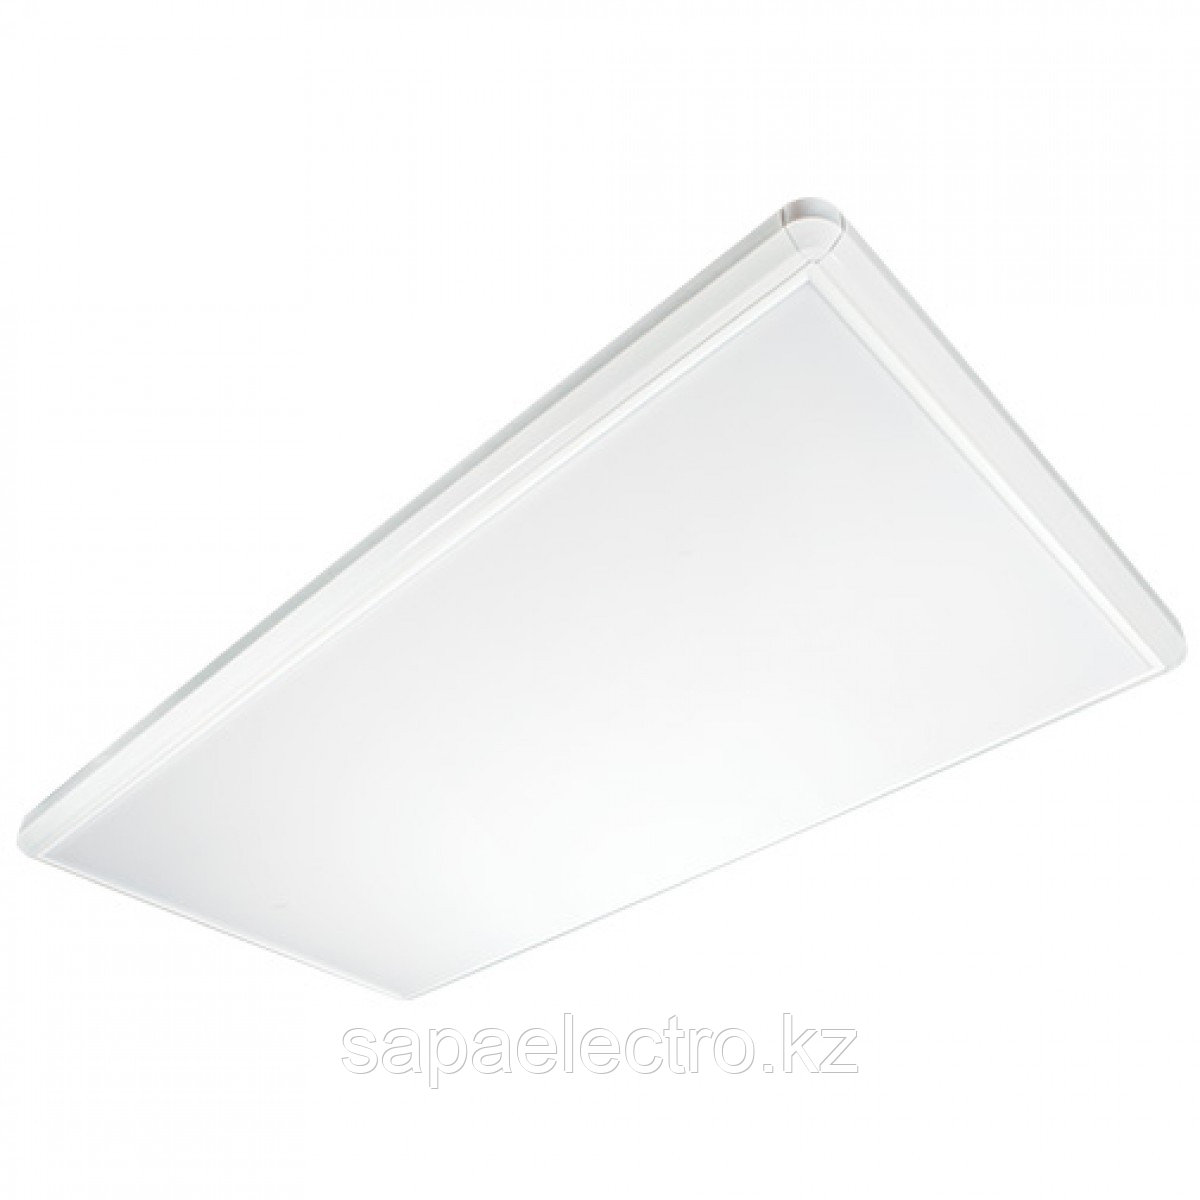 Св. LEDTUBE LZN 4x18W/ 120см OPAL DETAYнакл(с лампо